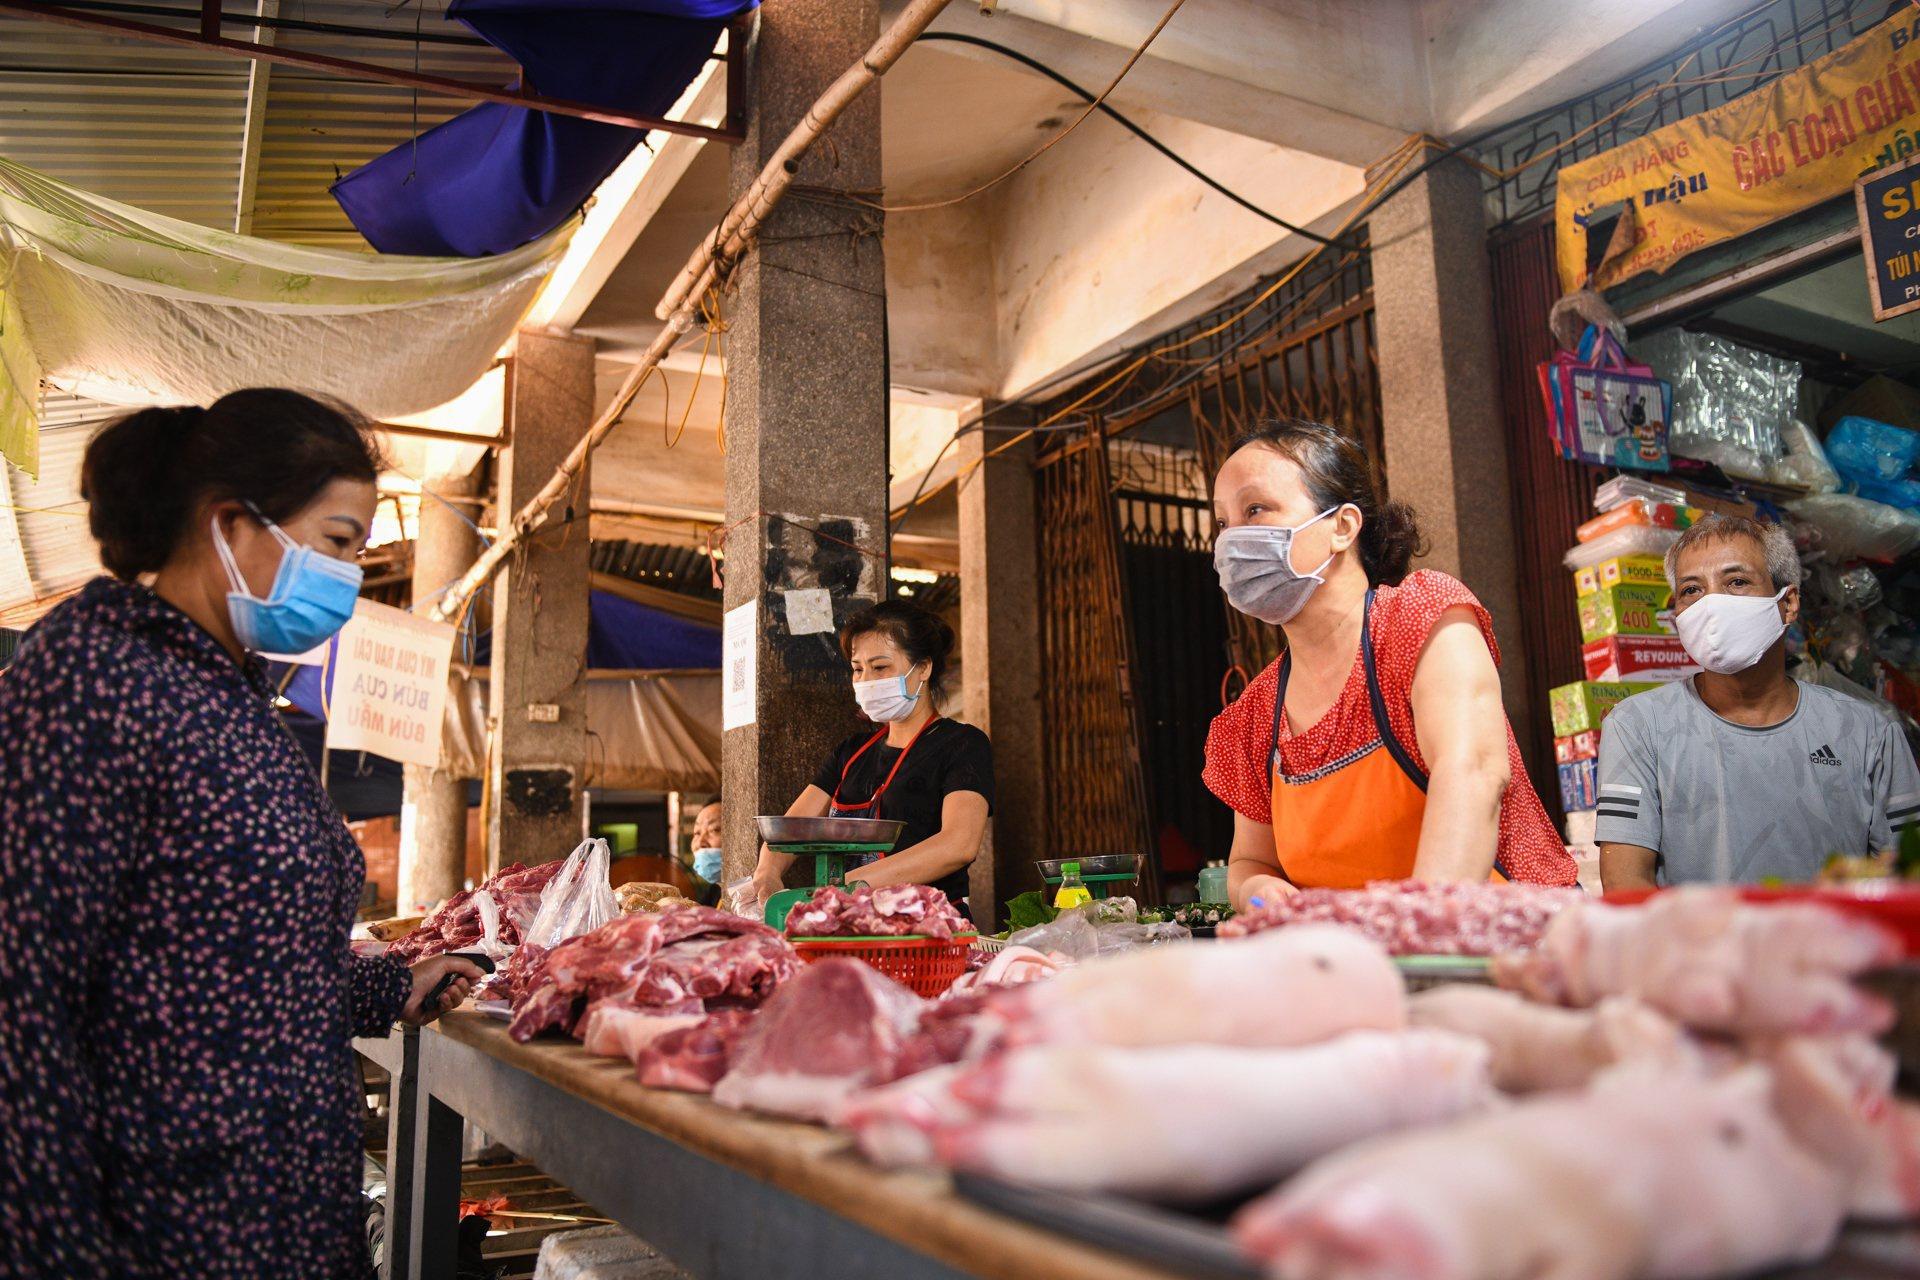 Giá lợn hơi xuống mức thấp nhất trong gần 2 năm - Ảnh 2.